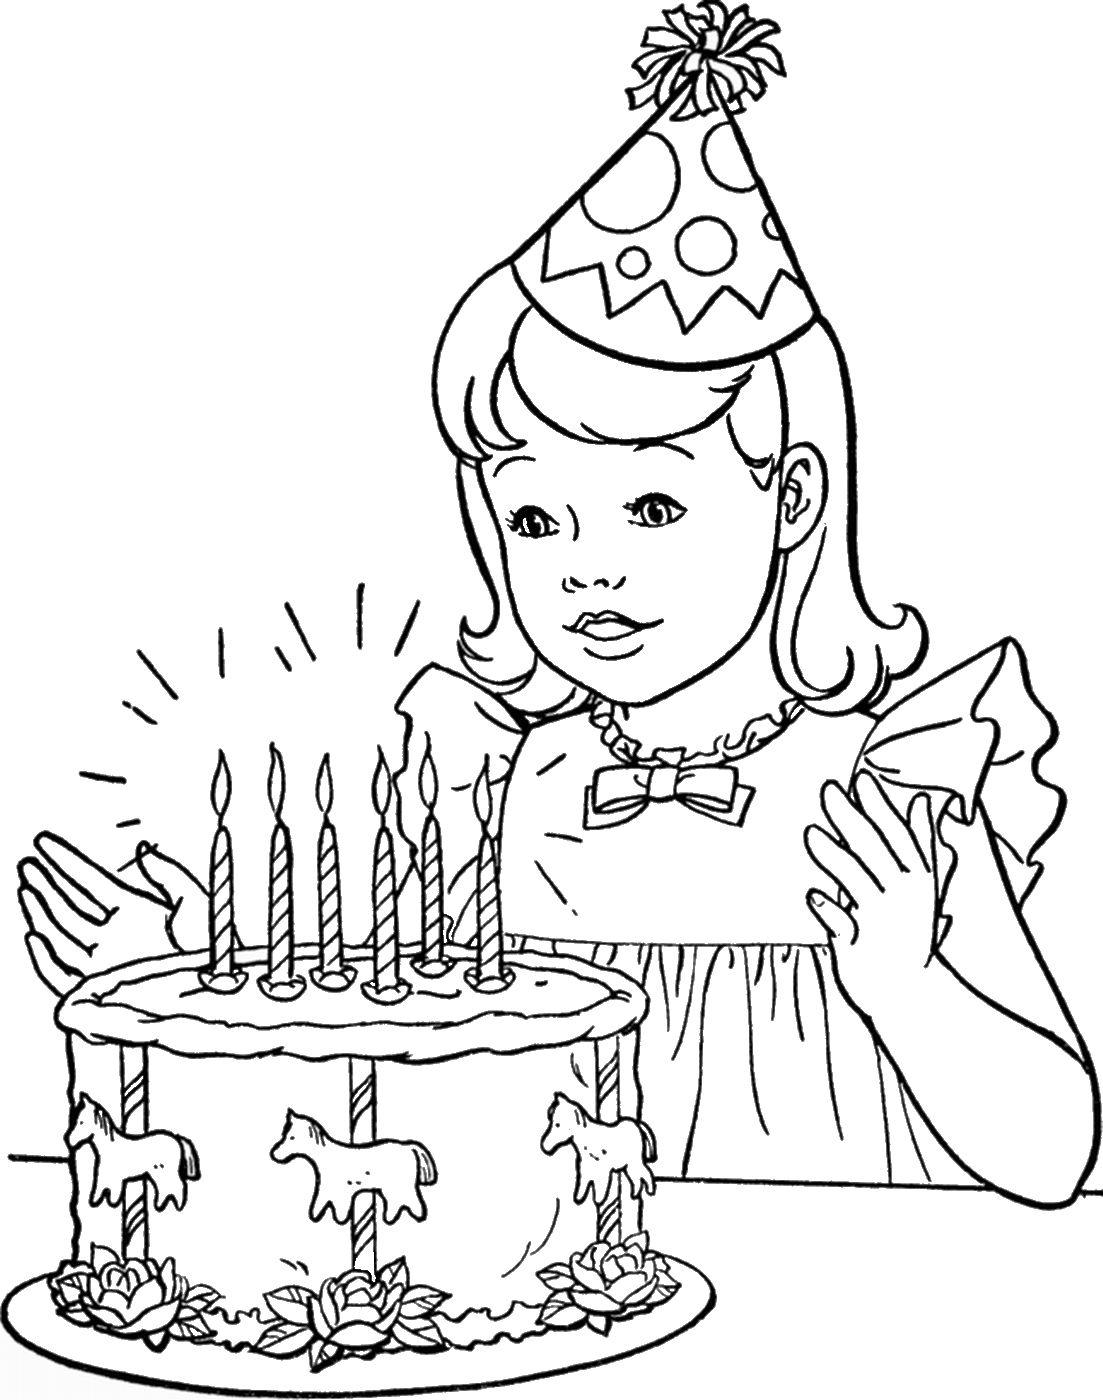 Рисунок поздравление с днем рождения раскраска6